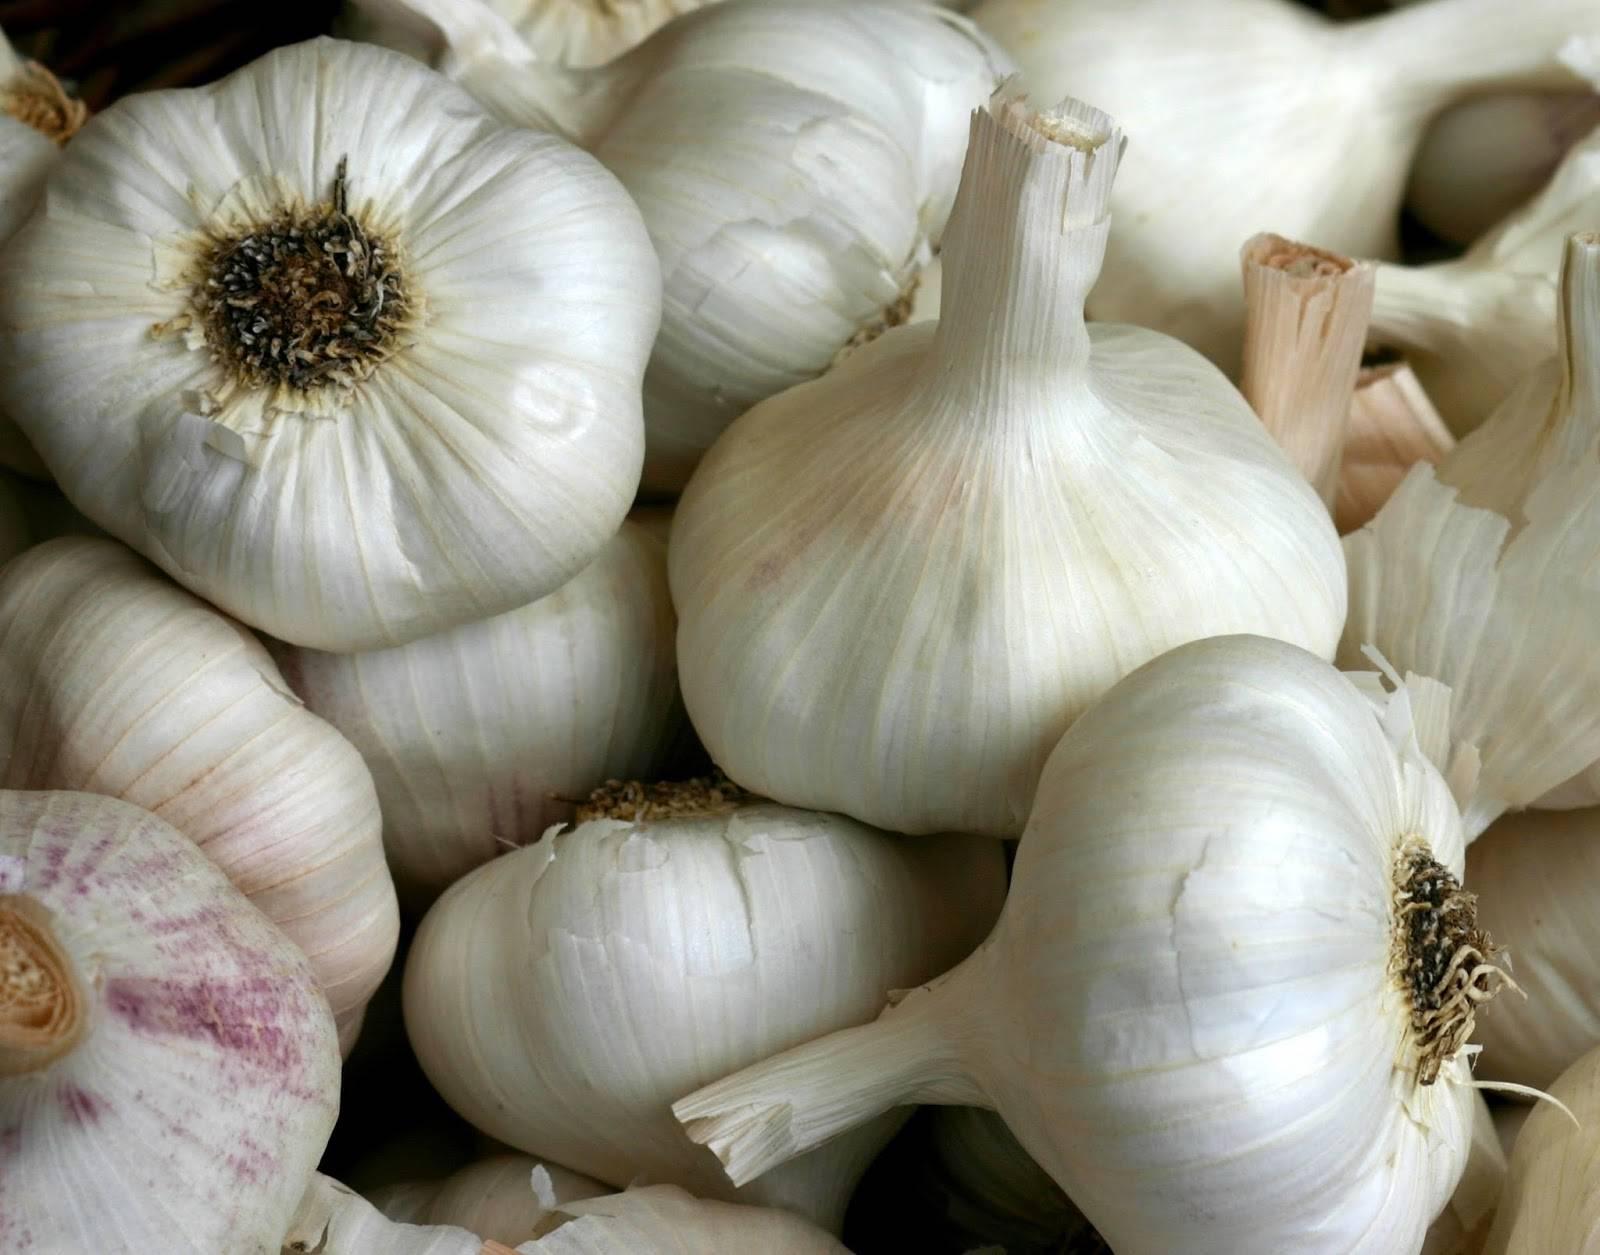 Normal White Garlic